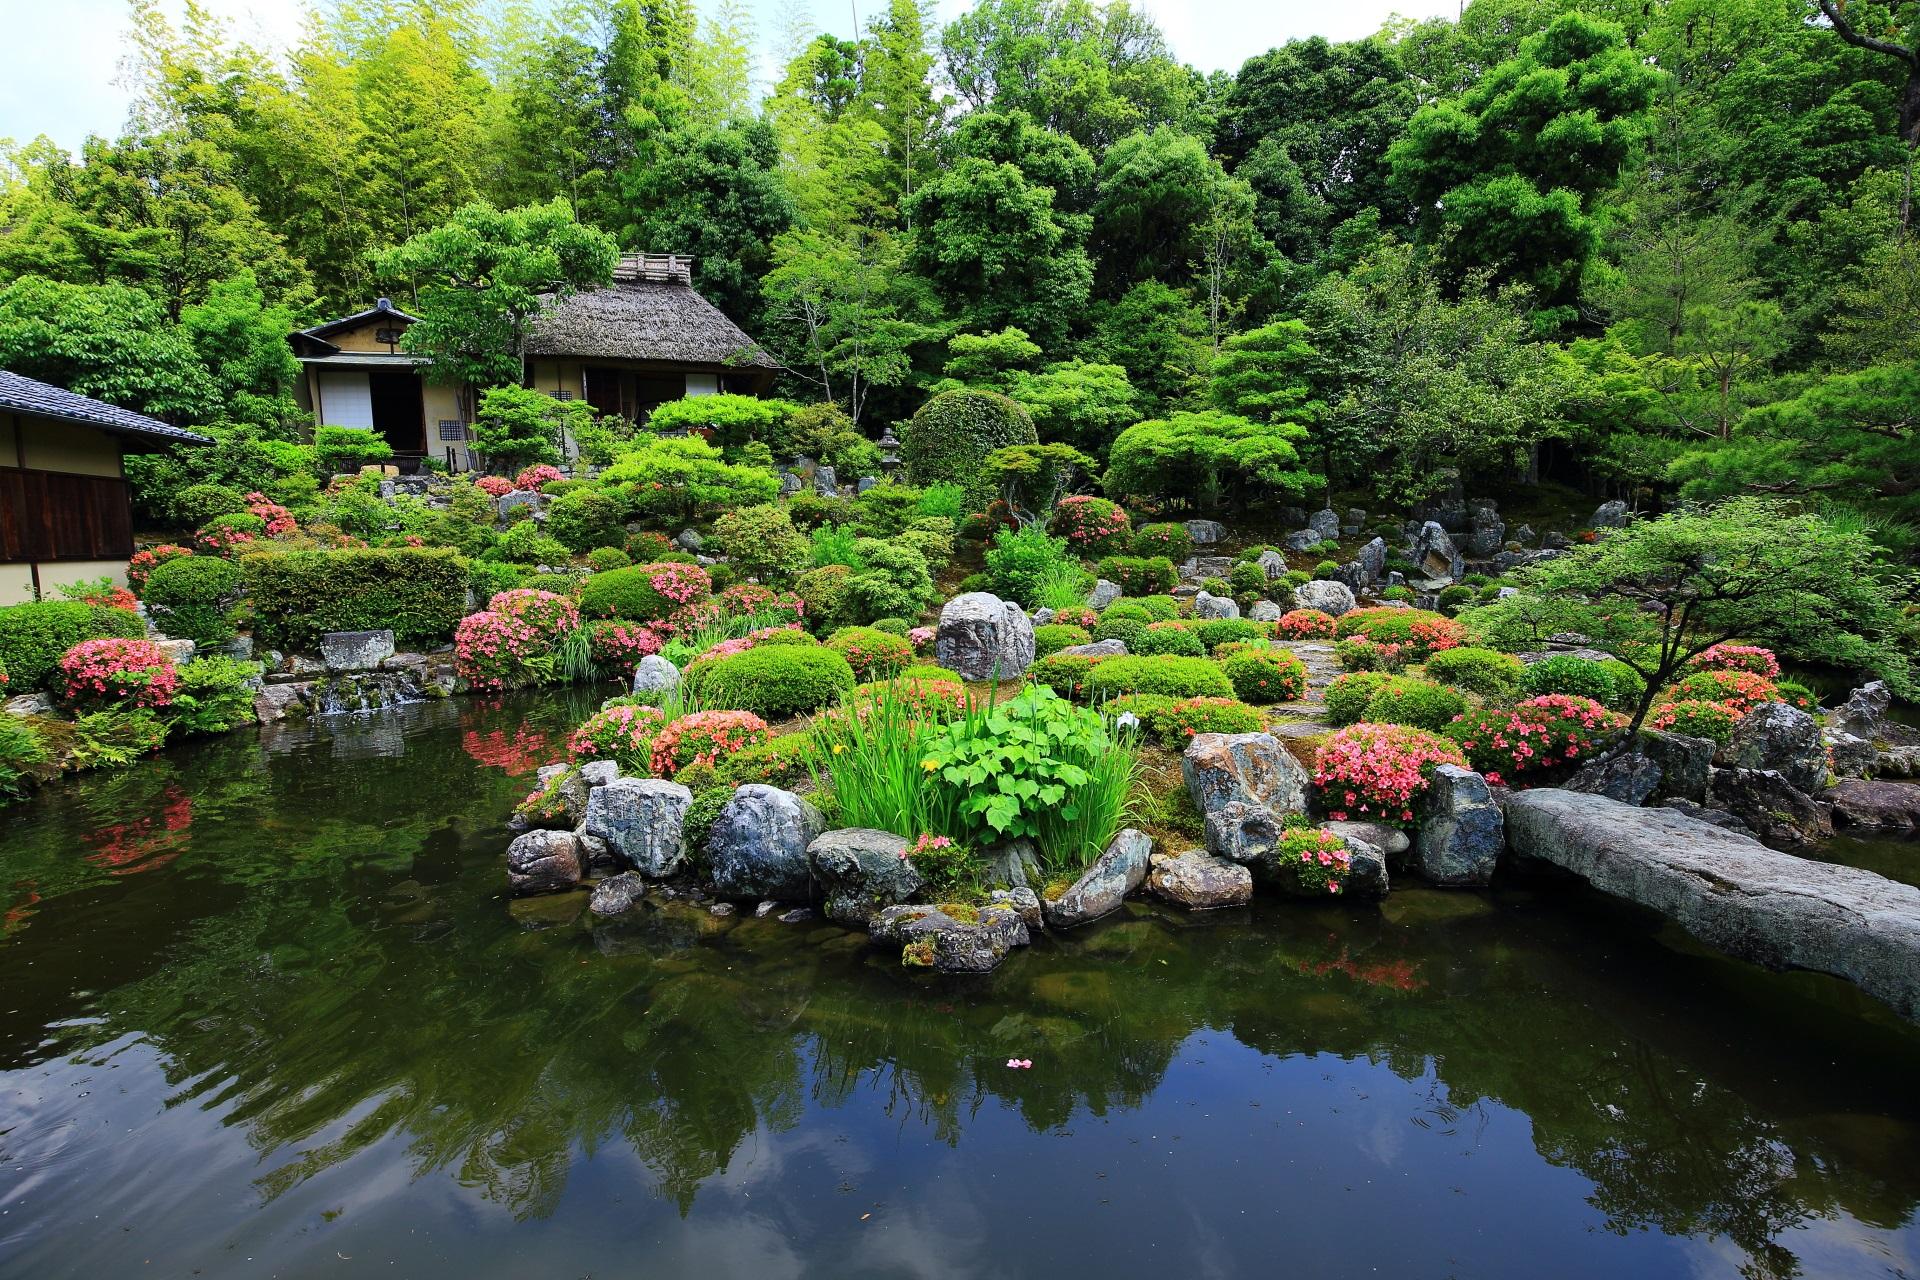 美しい緑の中で咲き誇る華やかなサツキ